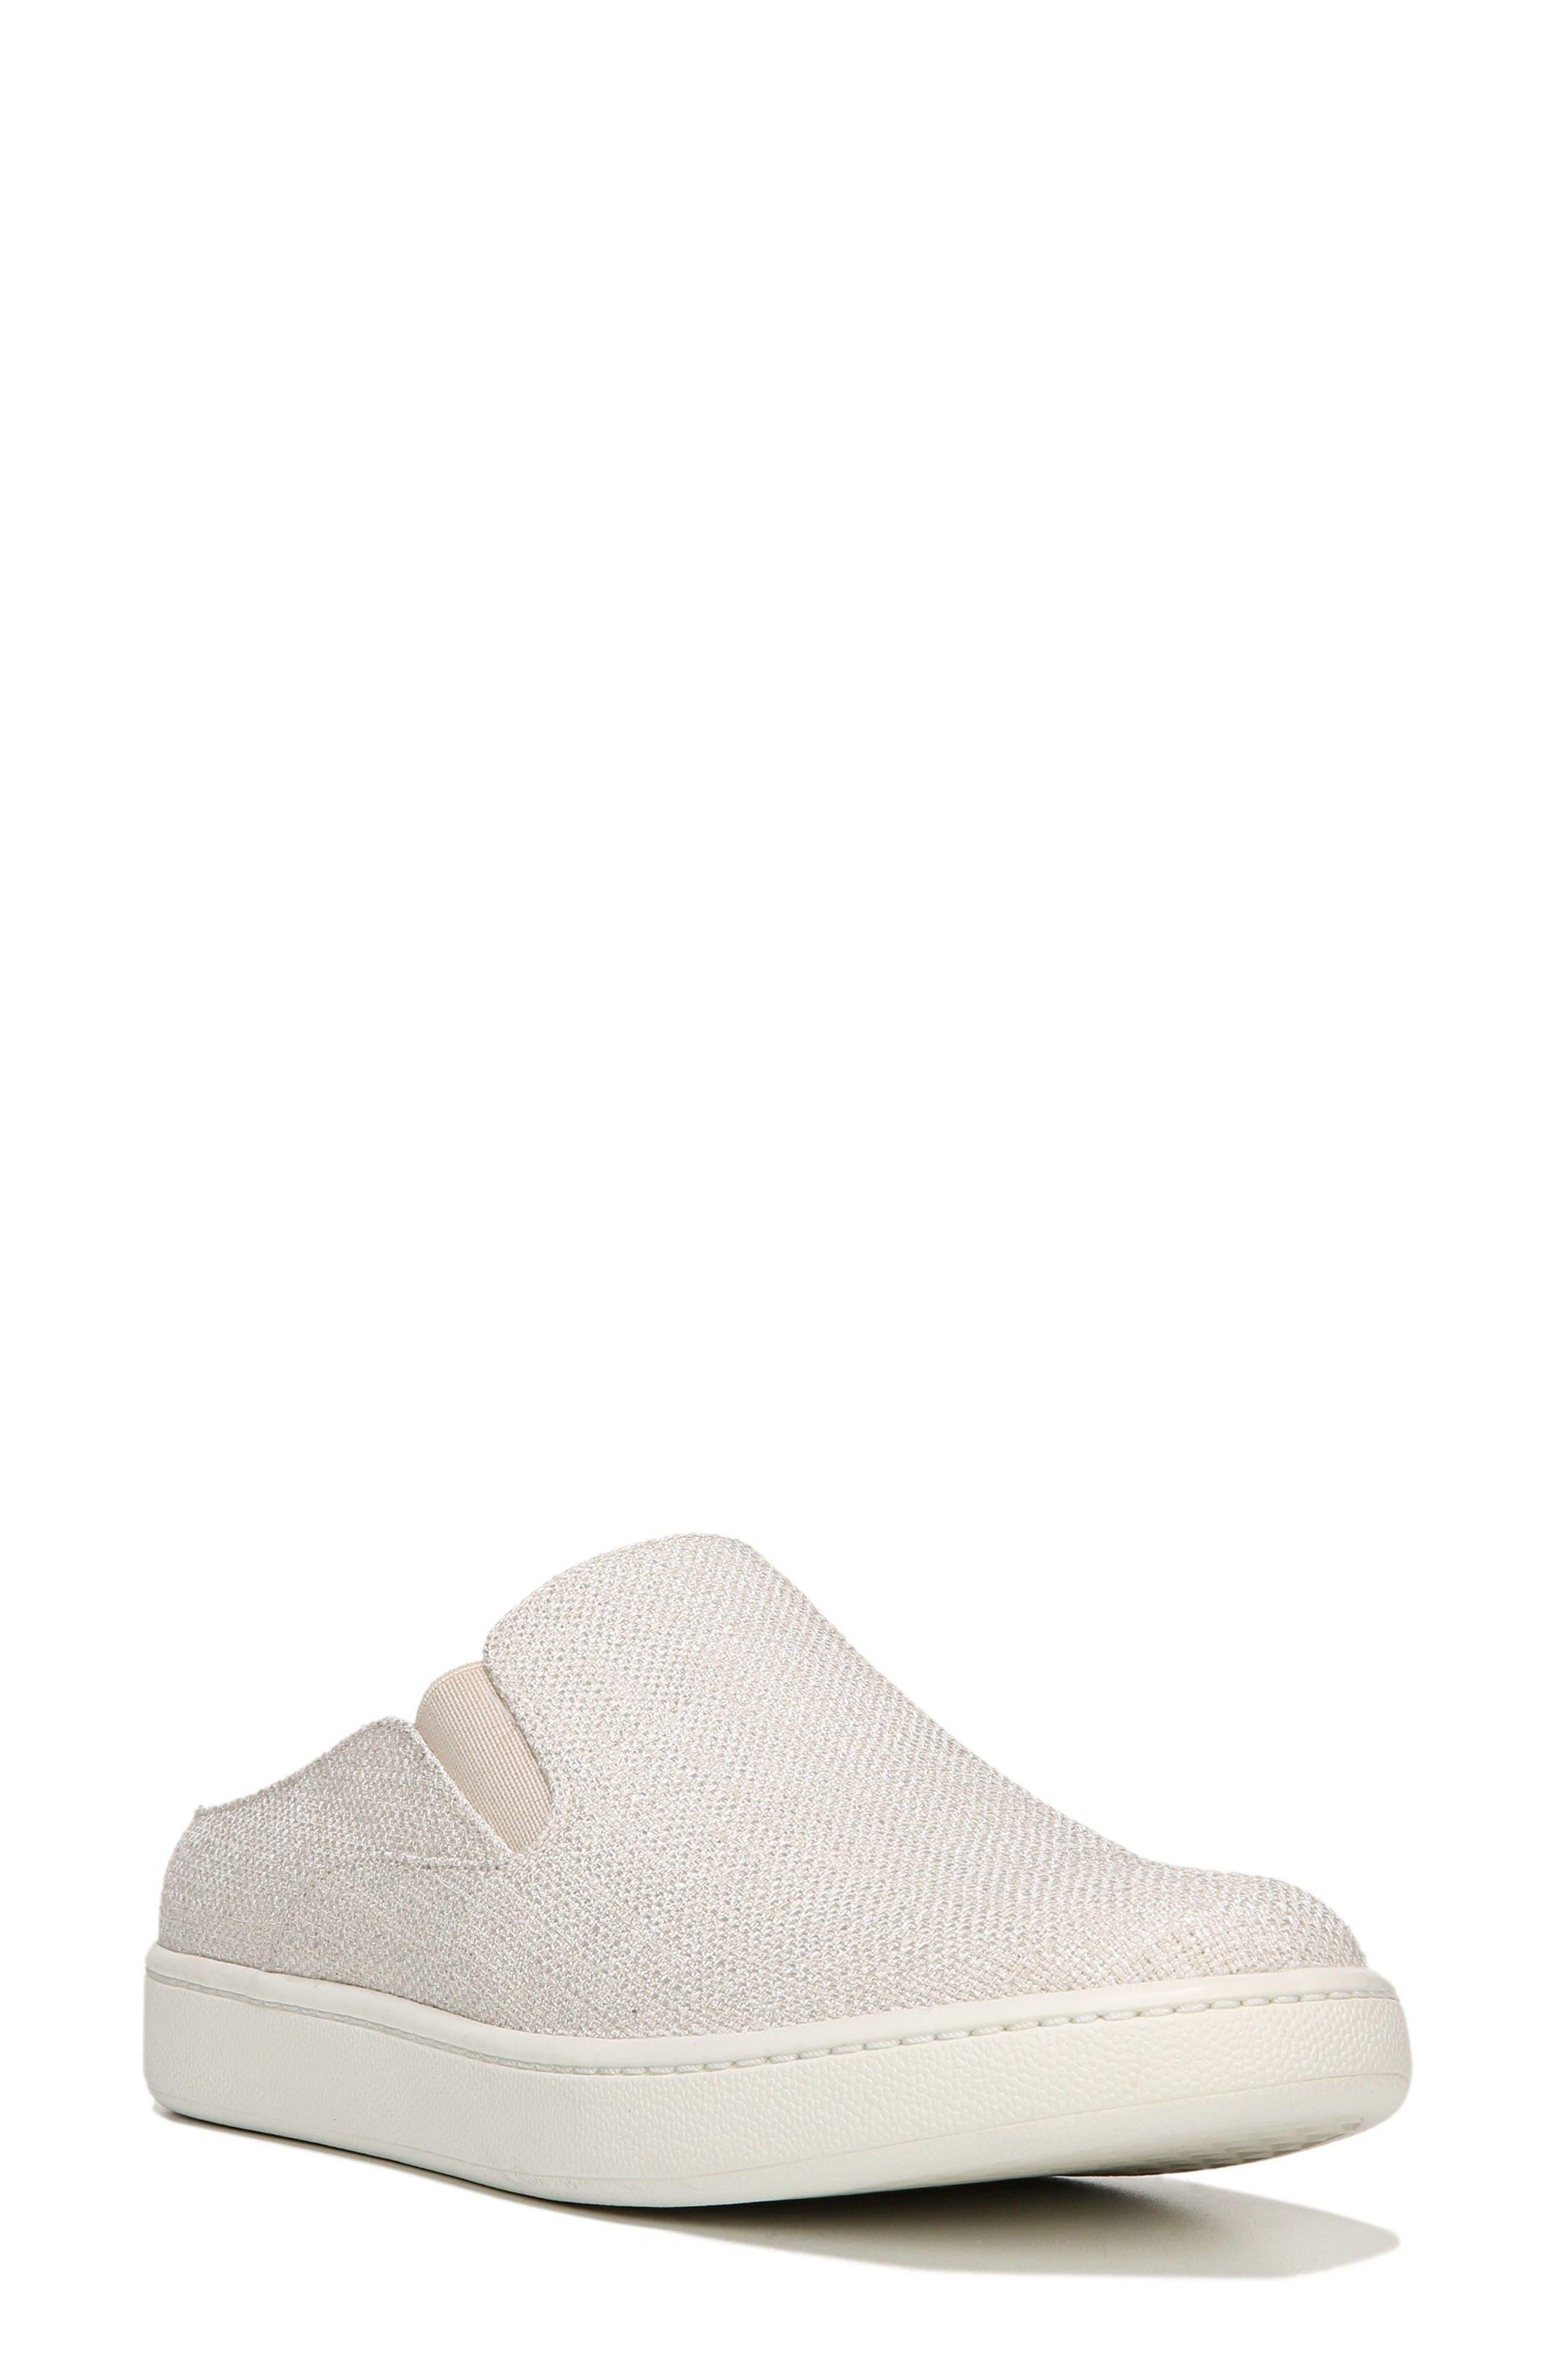 Verrell Slip-On Sneaker,                             Main thumbnail 9, color,